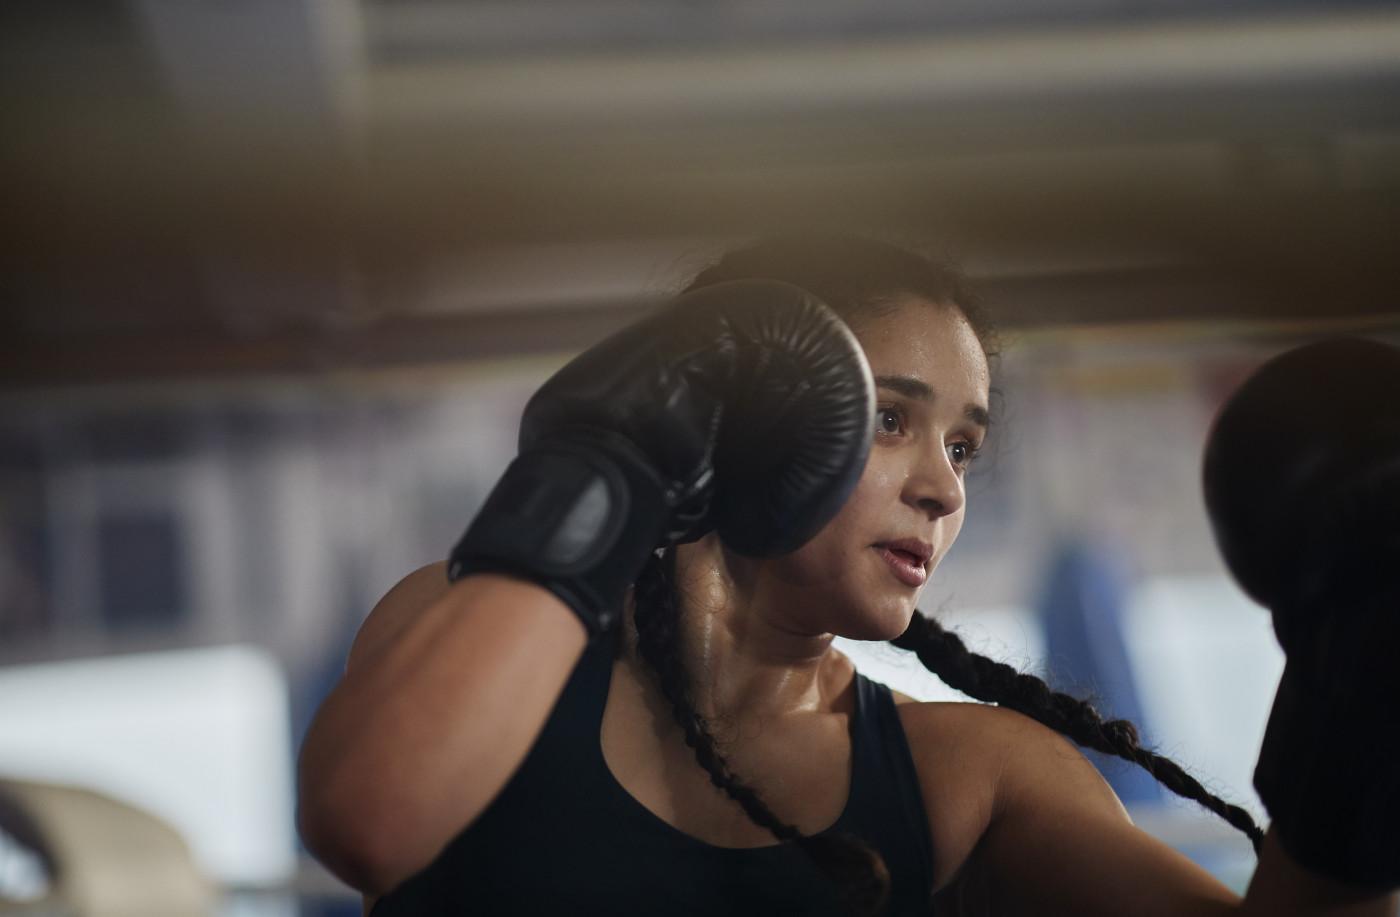 Mulheres no esporte: Boxe